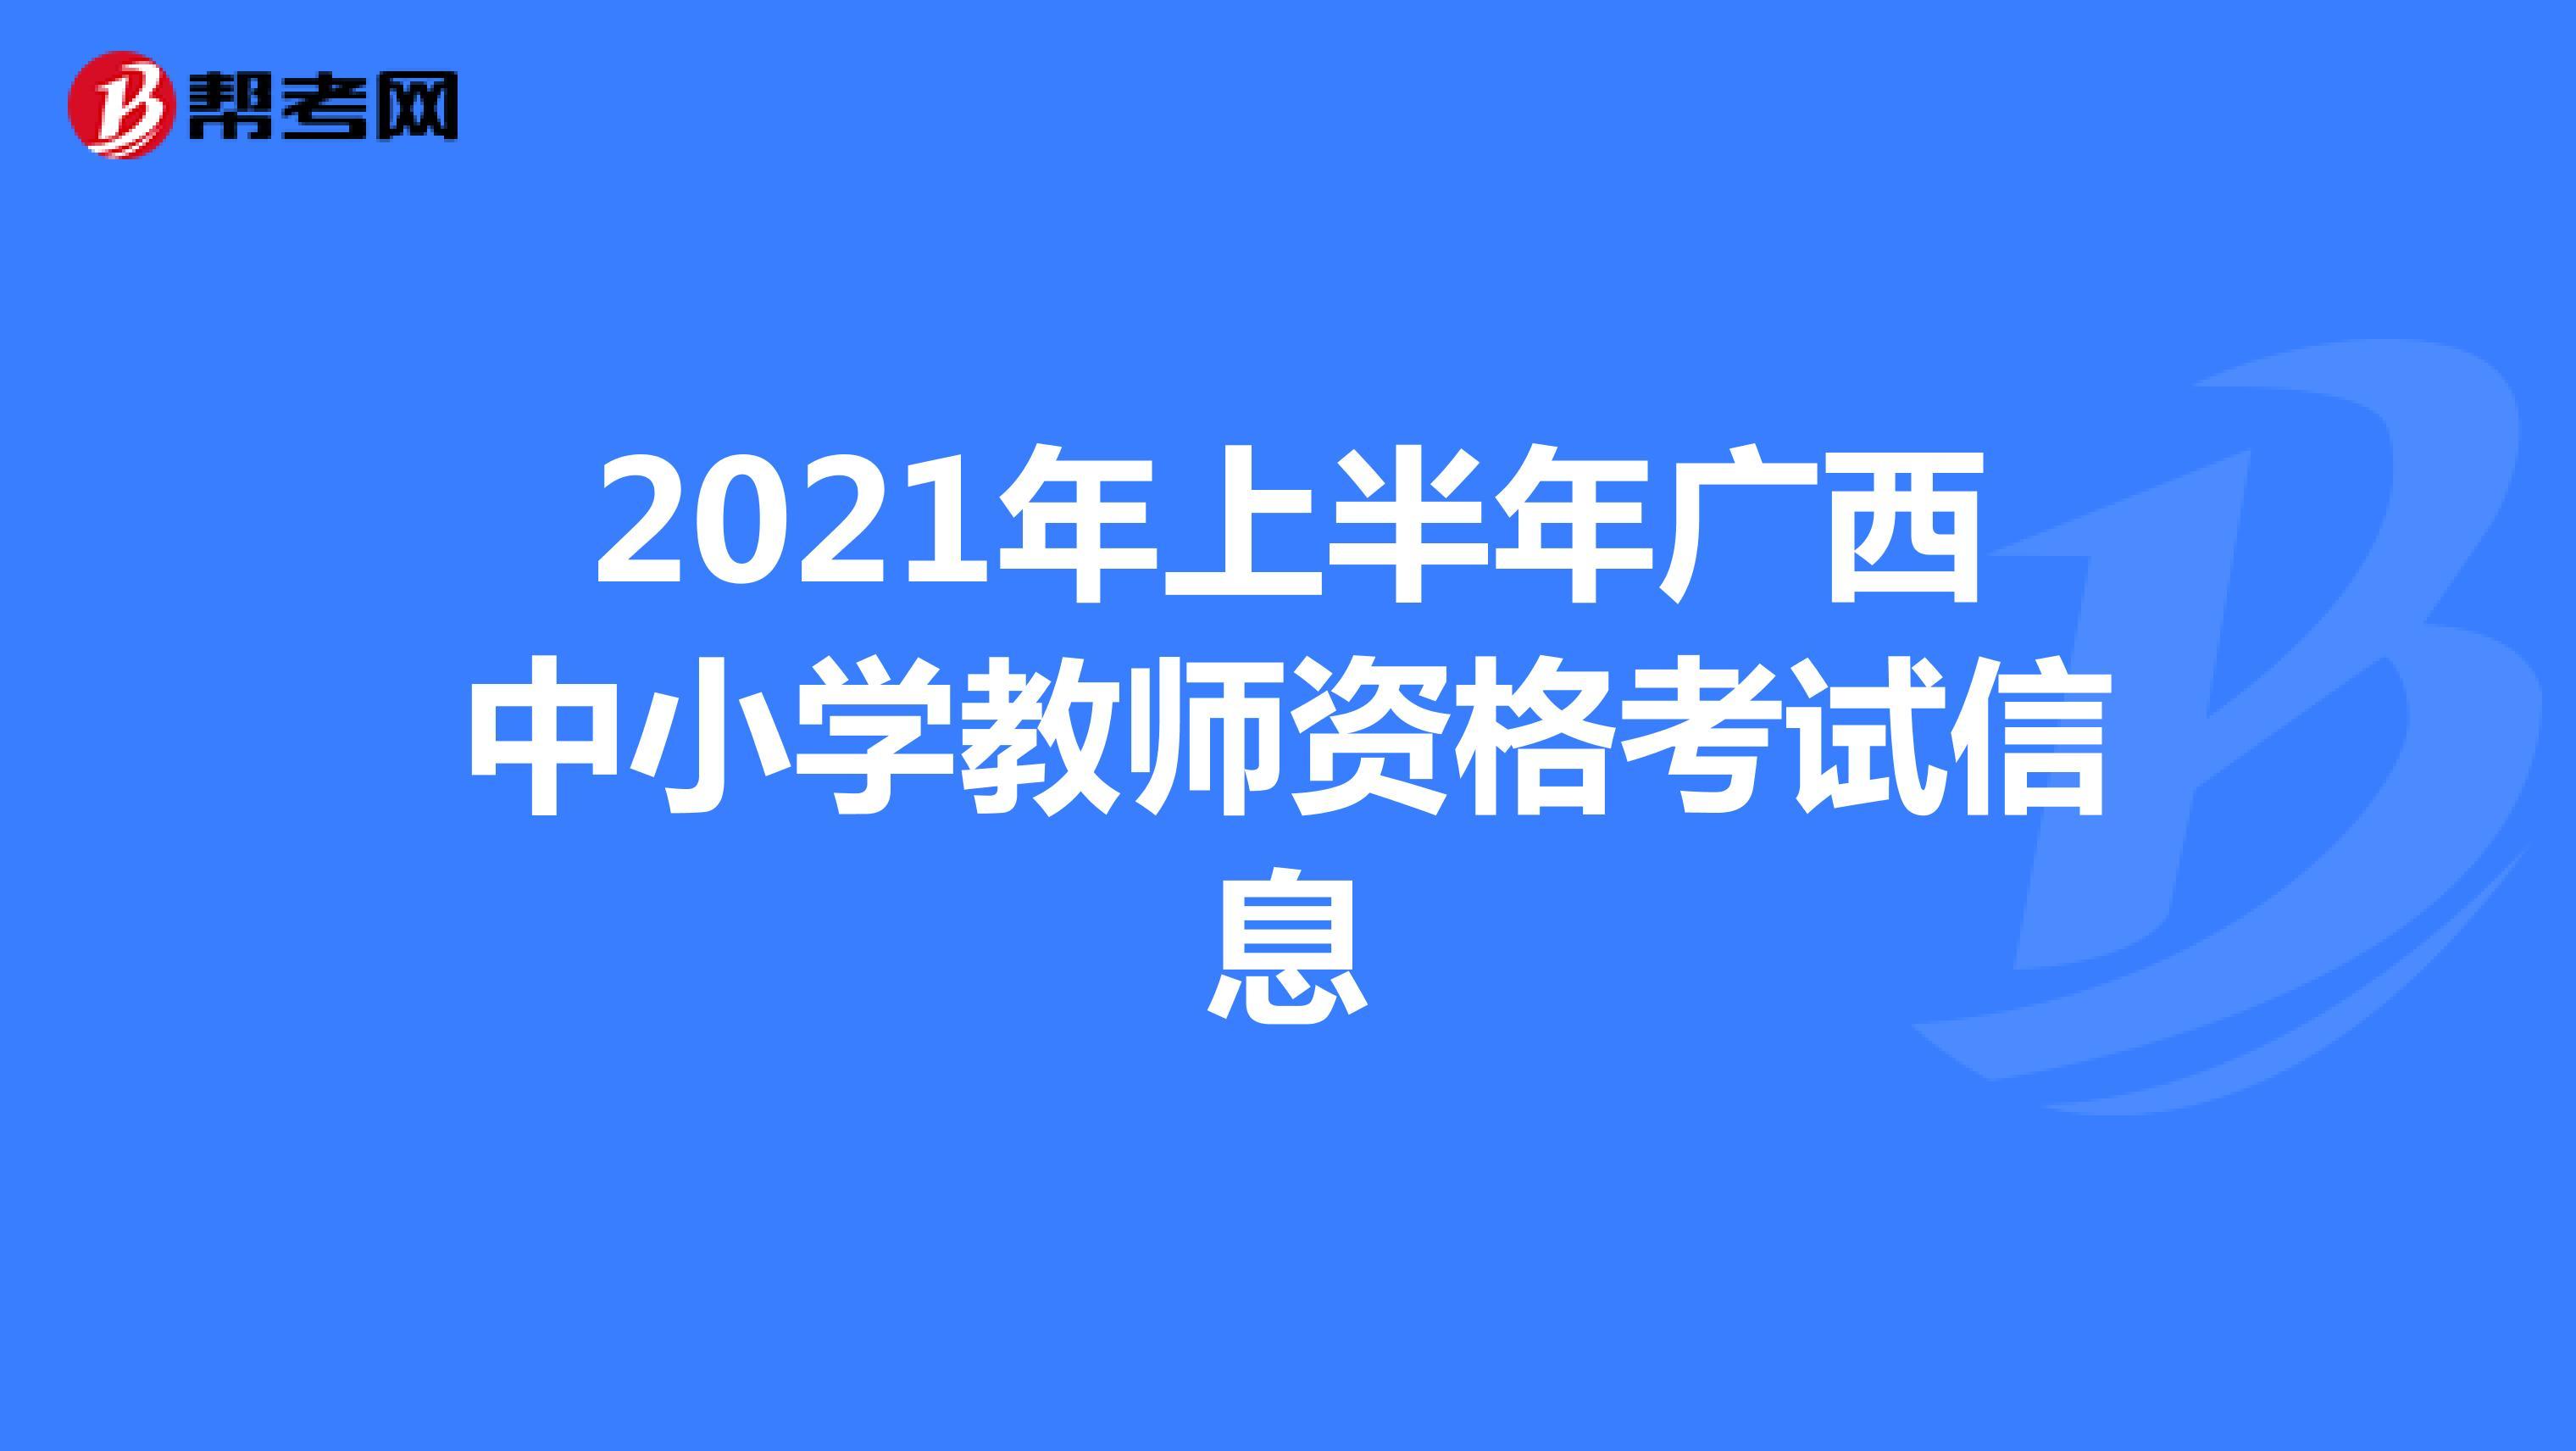 2021年上半年广西中小学教师资格考试信息